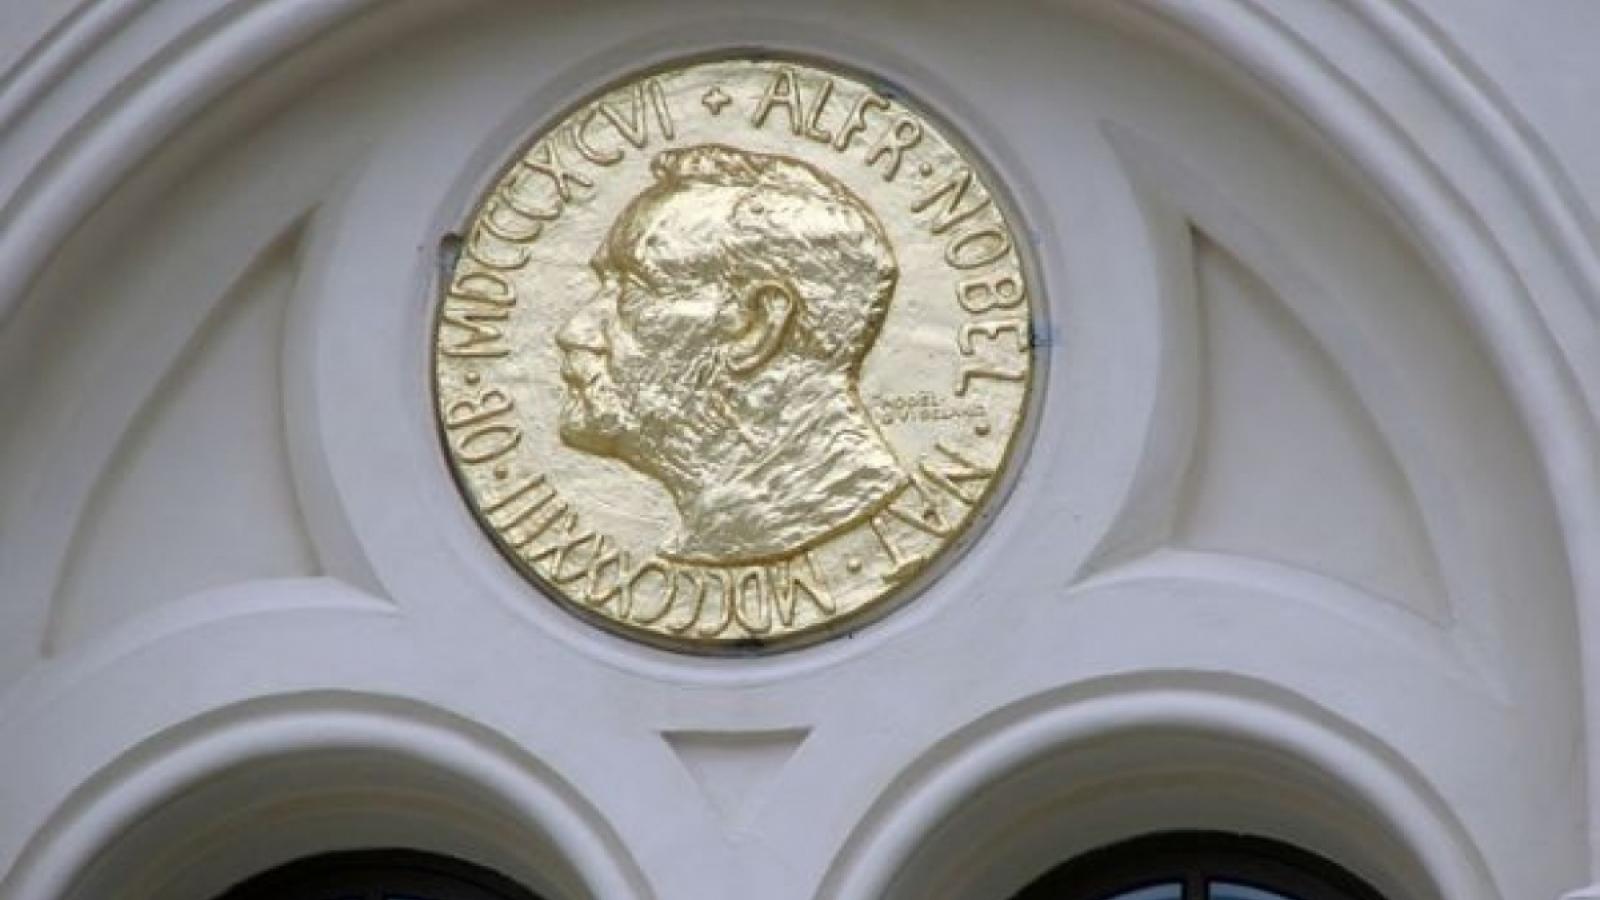 Thành viên Quốc hội Na-uy đề cử Tổng thống Mỹ Trump cho giải Nobel Hòa bình